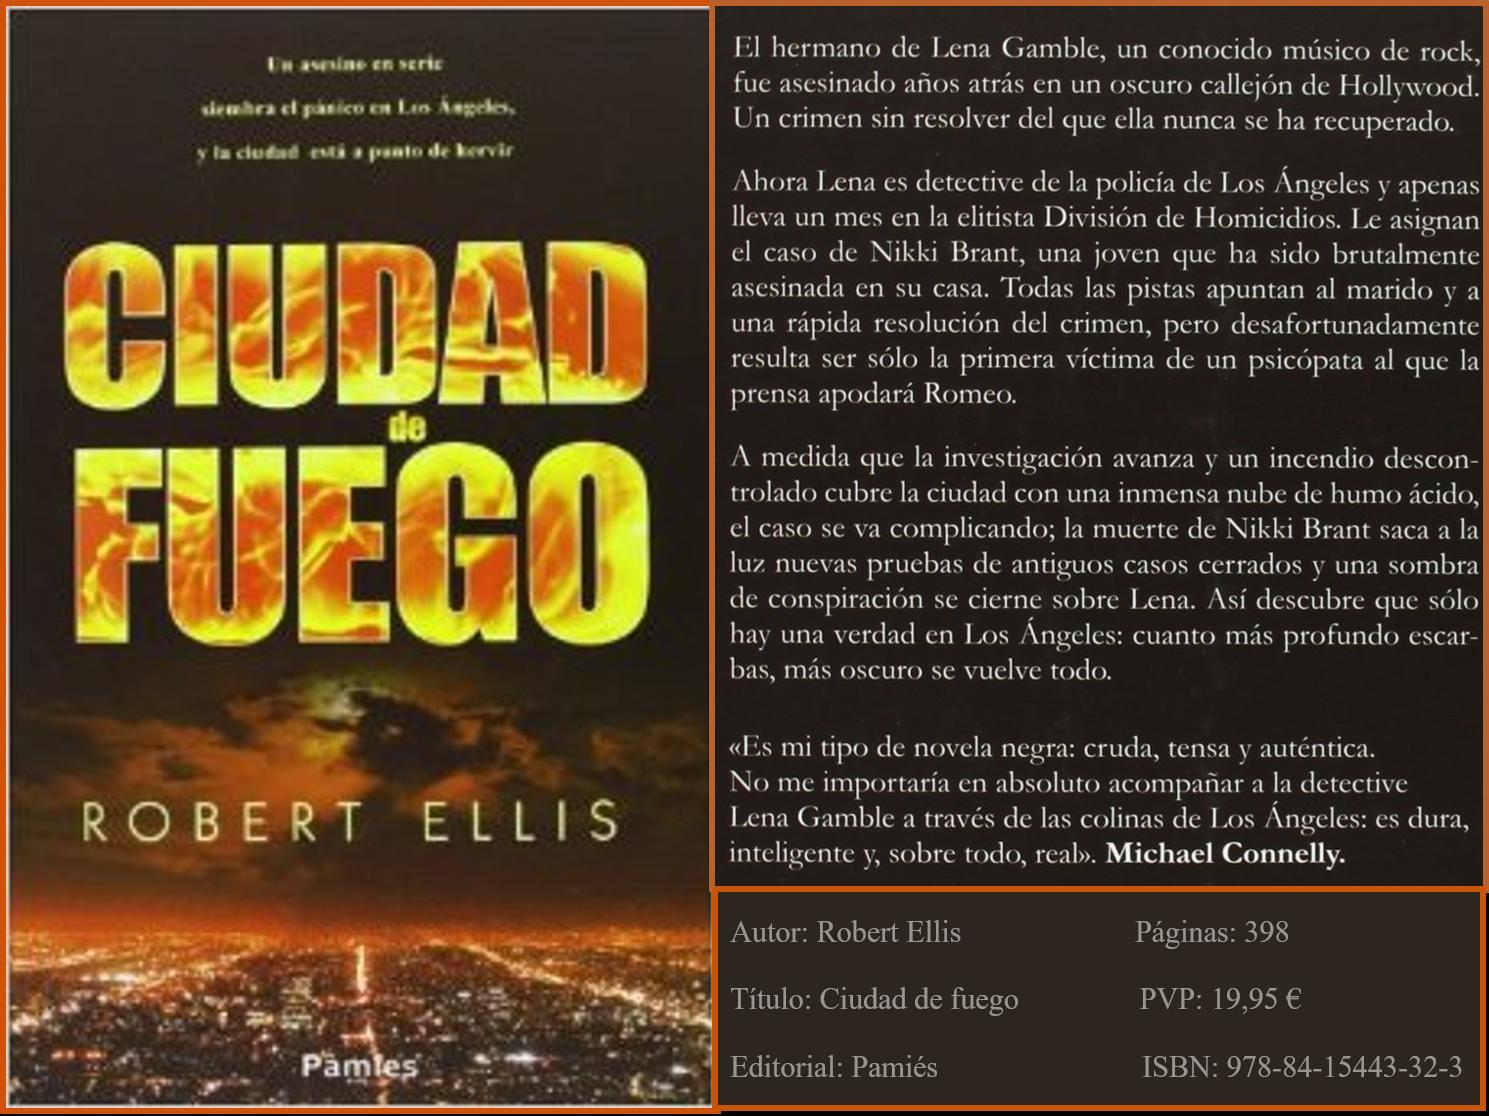 http://www.edicionespamies.com/index.php/negra/la-huella/ciudad-de-fuego-detail